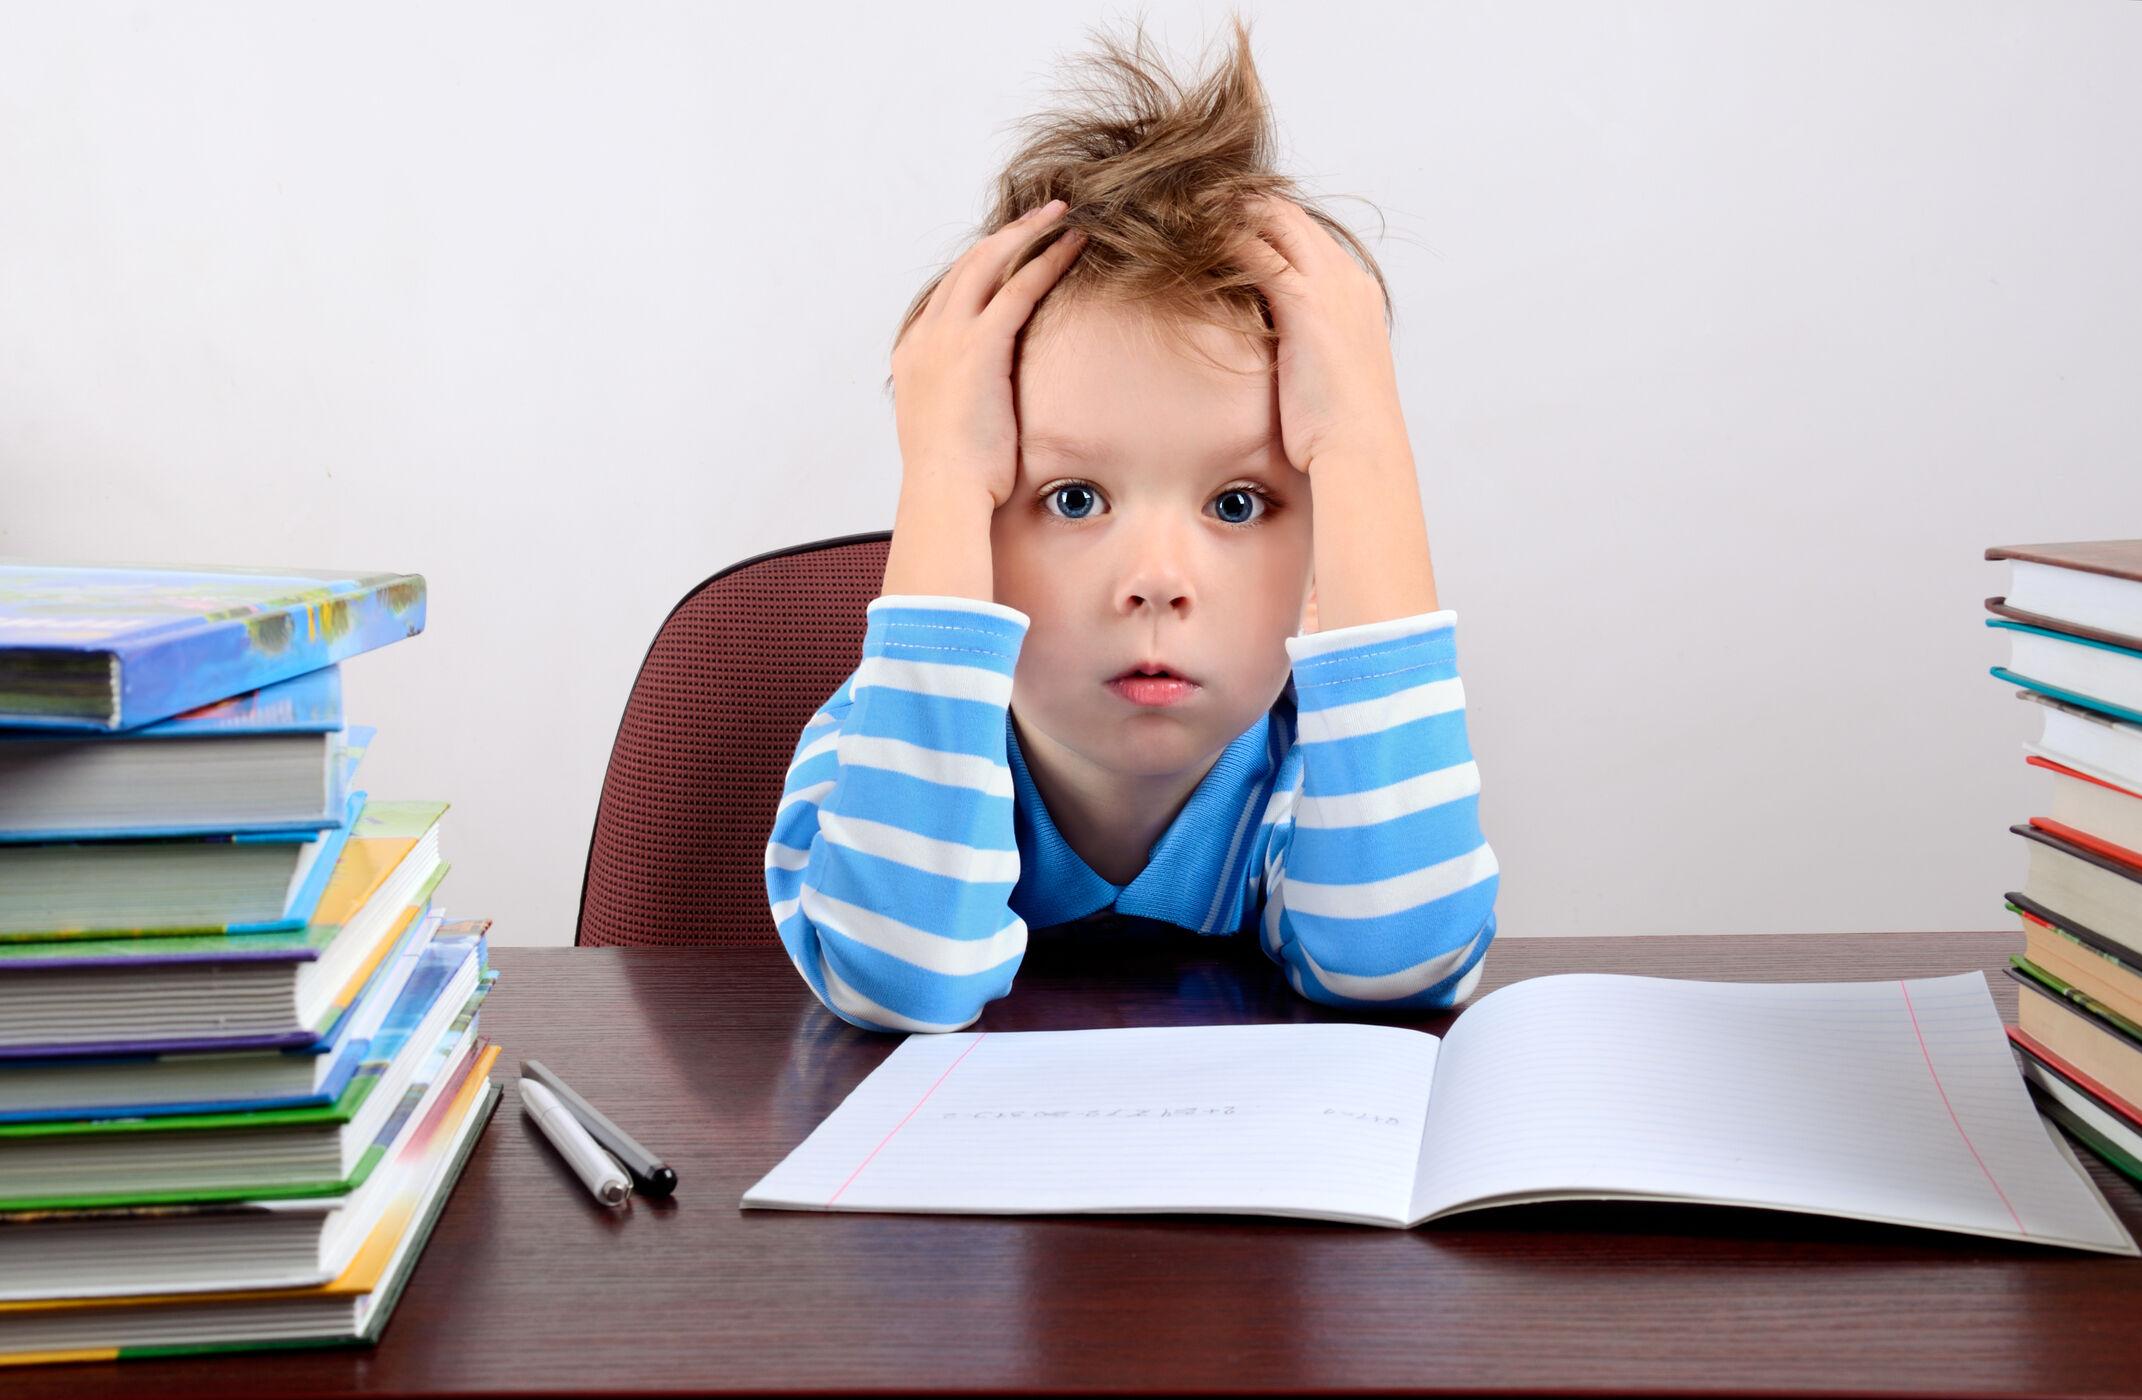 Criança com dificuldade de estudar